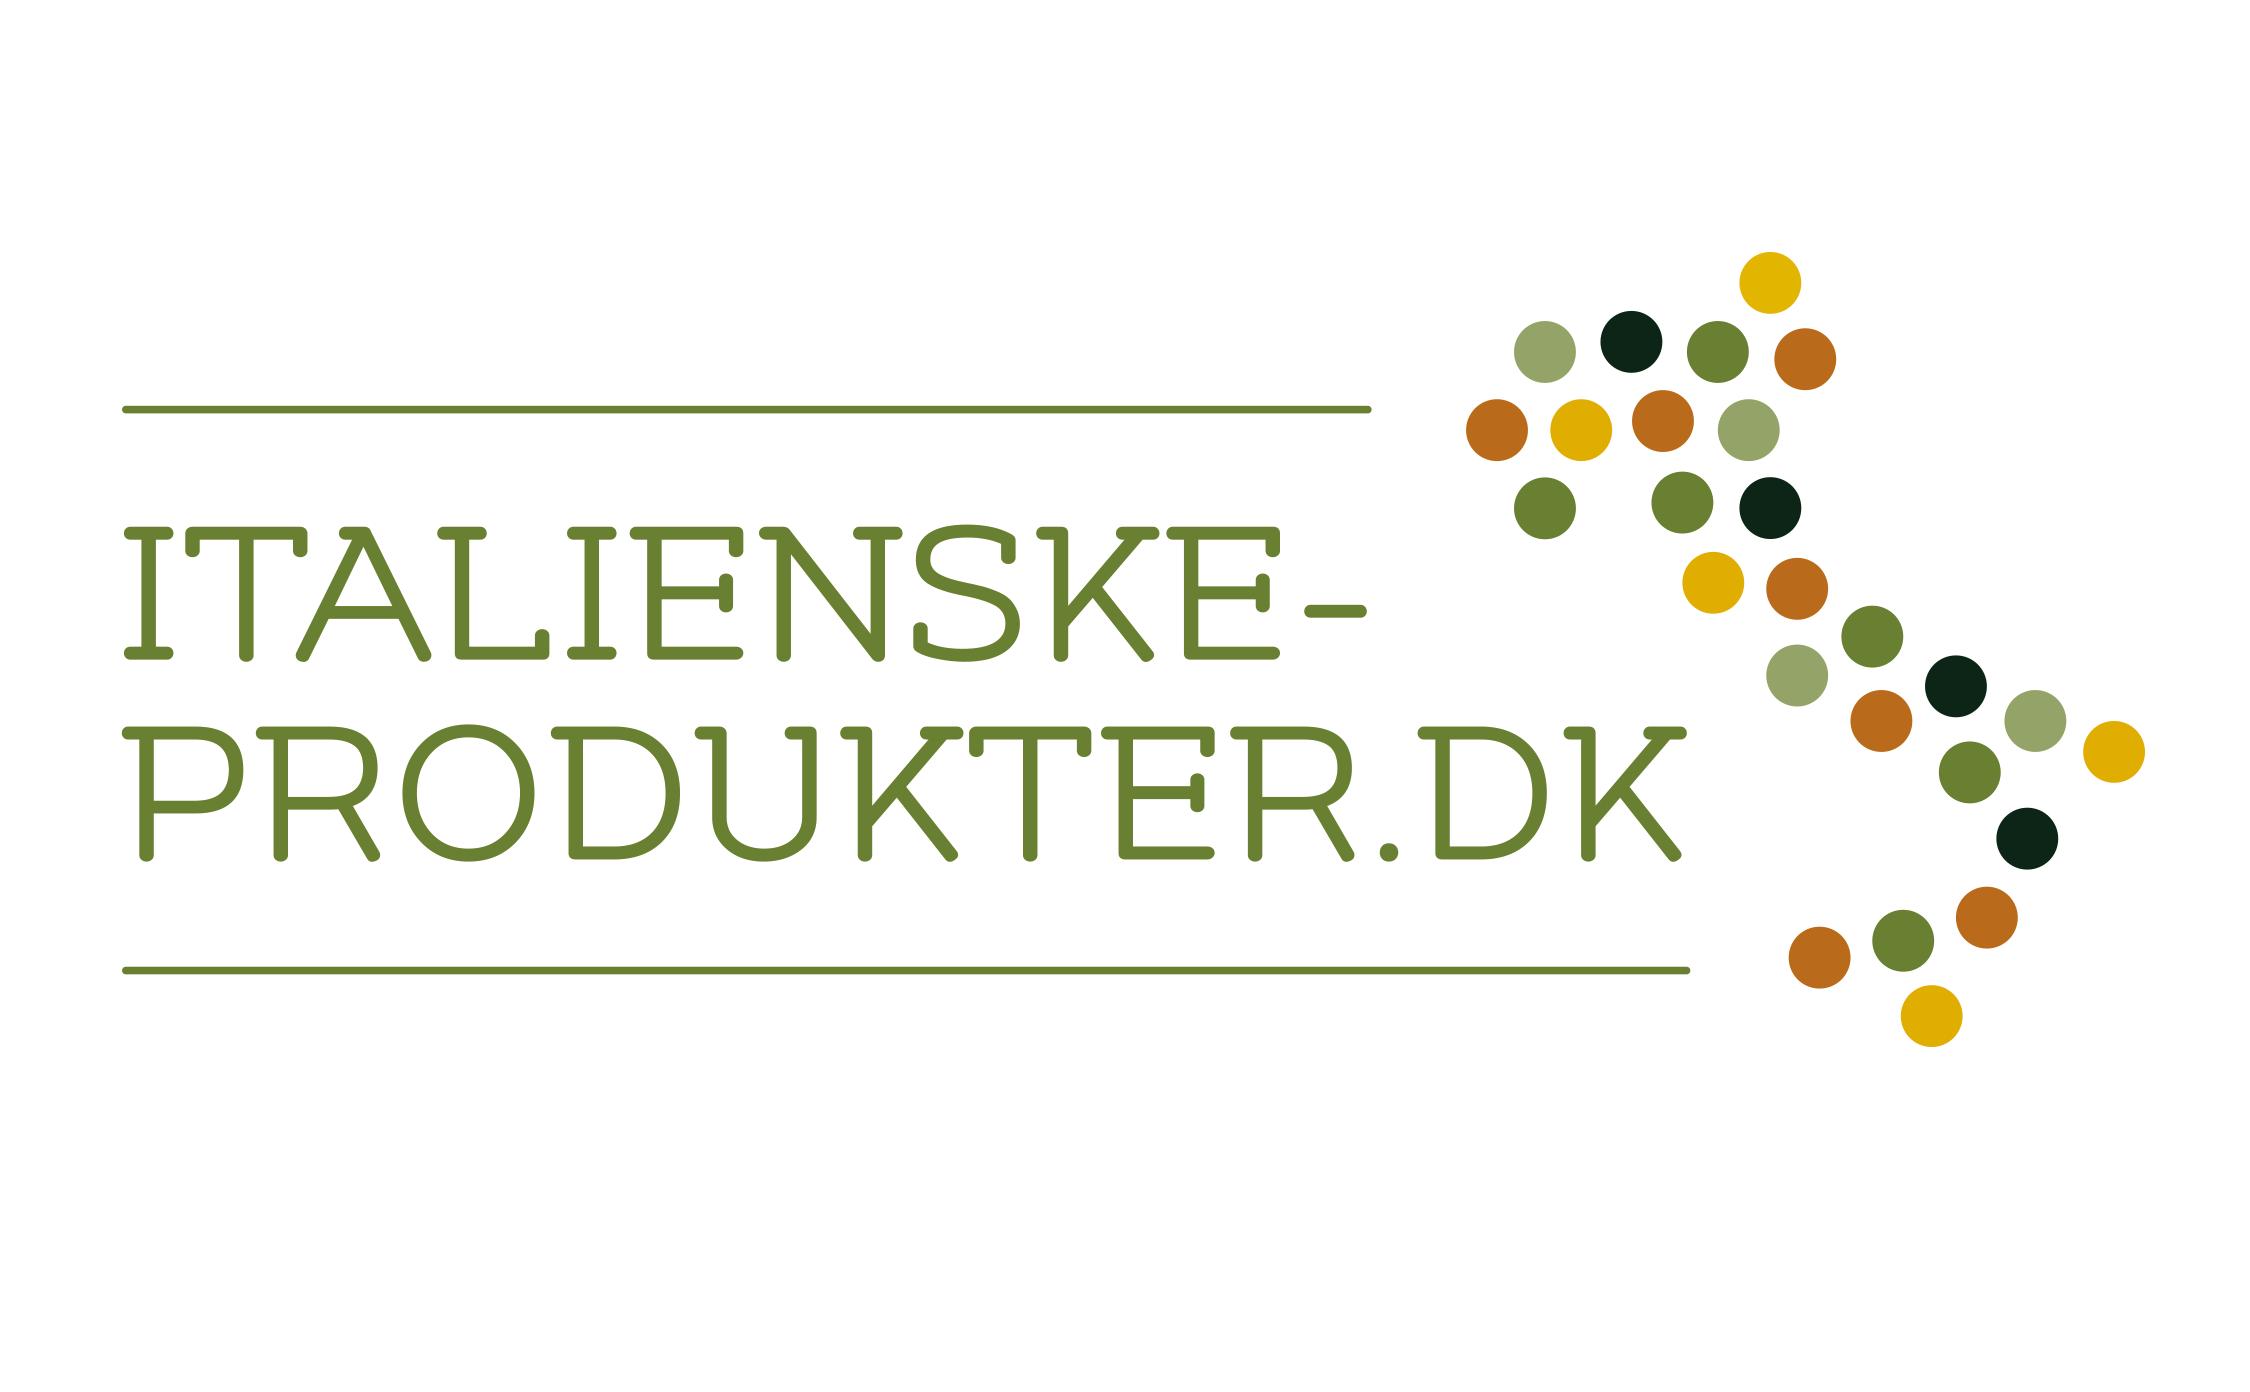 Logodesign Italienskeprodukter.dk